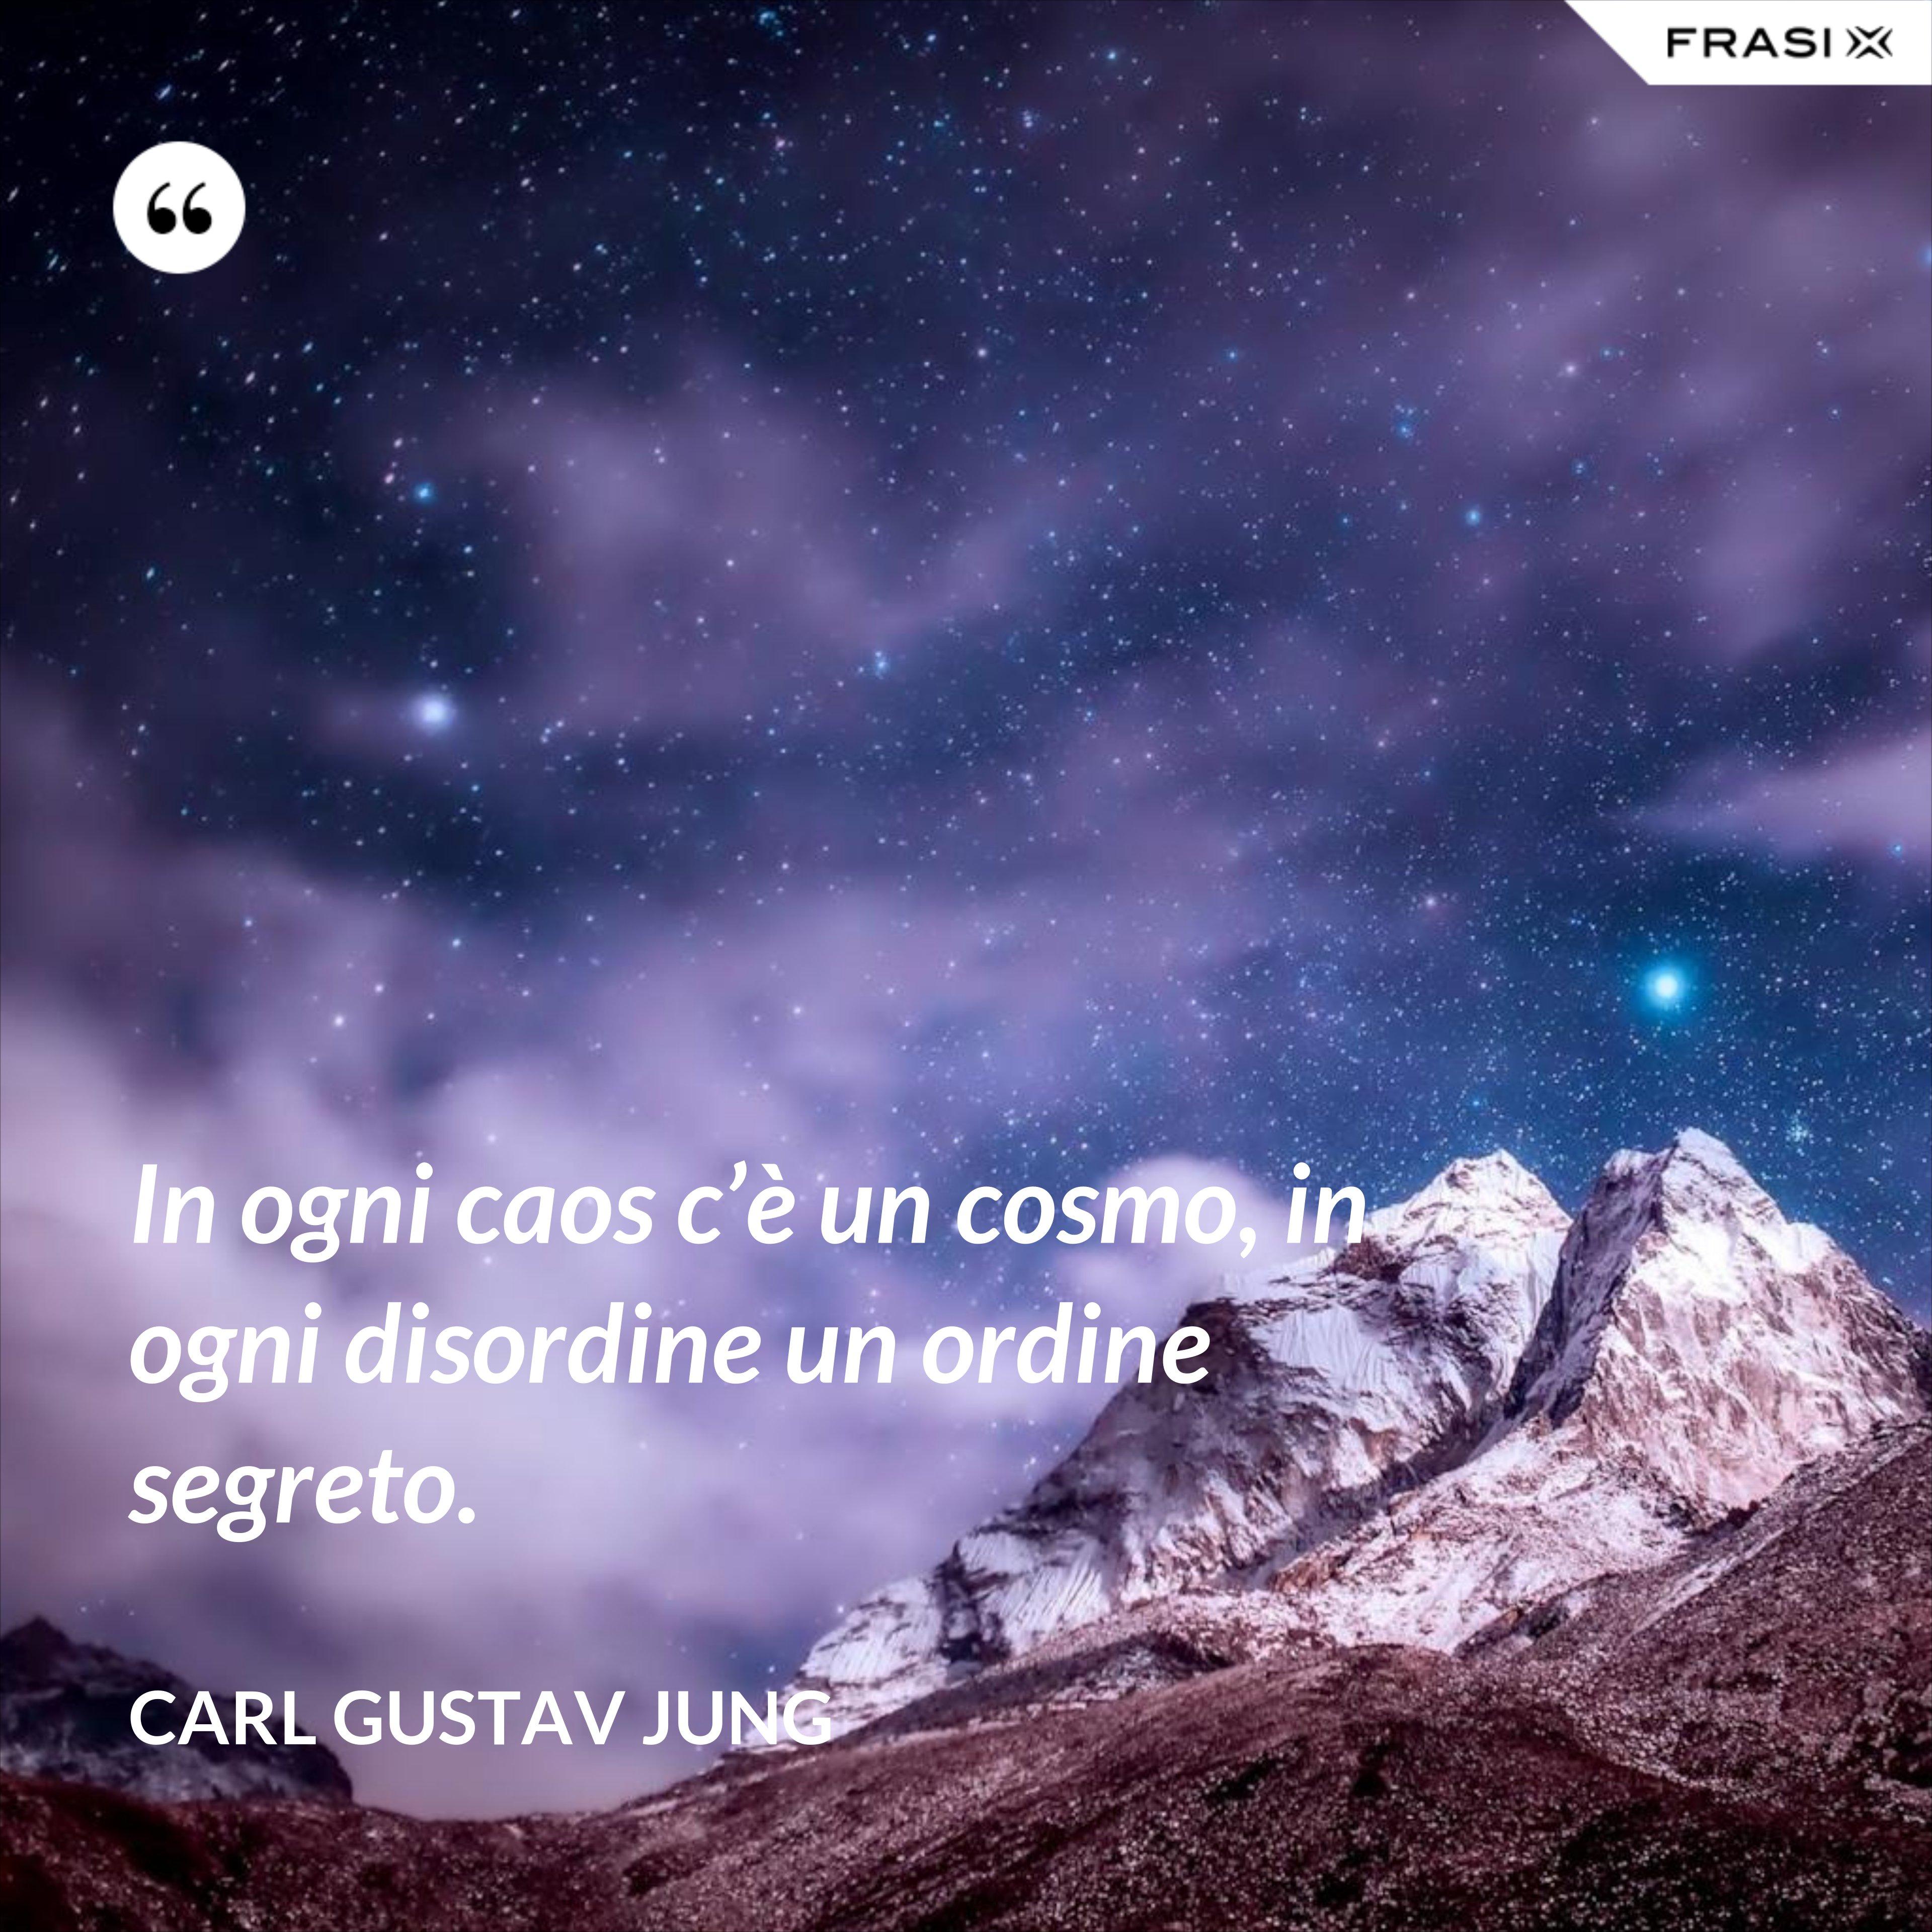 In ogni caos c'è un cosmo, in ogni disordine un ordine segreto. - Carl Gustav Jung